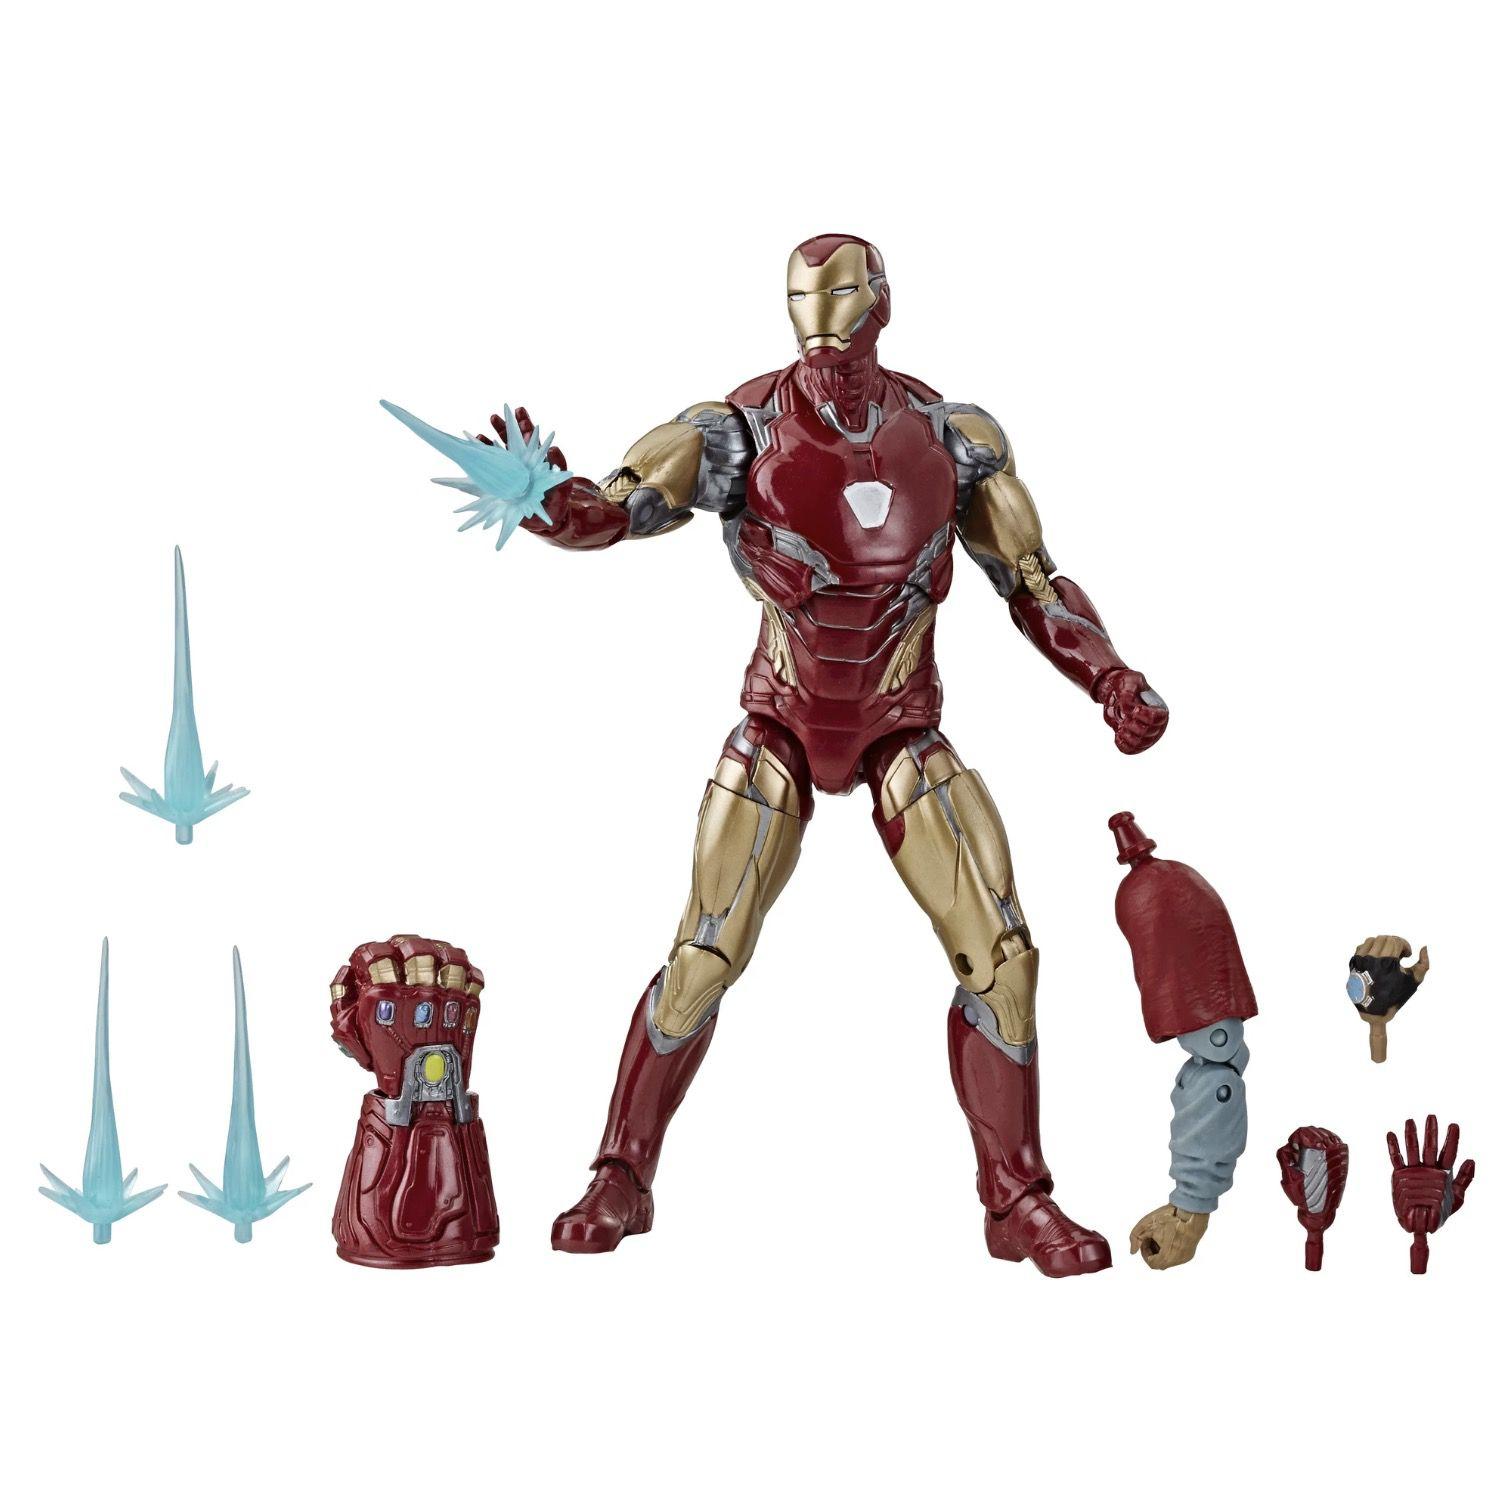 Marvel Legends Series Avengers: Endgame Iron Man Mark LXXXV